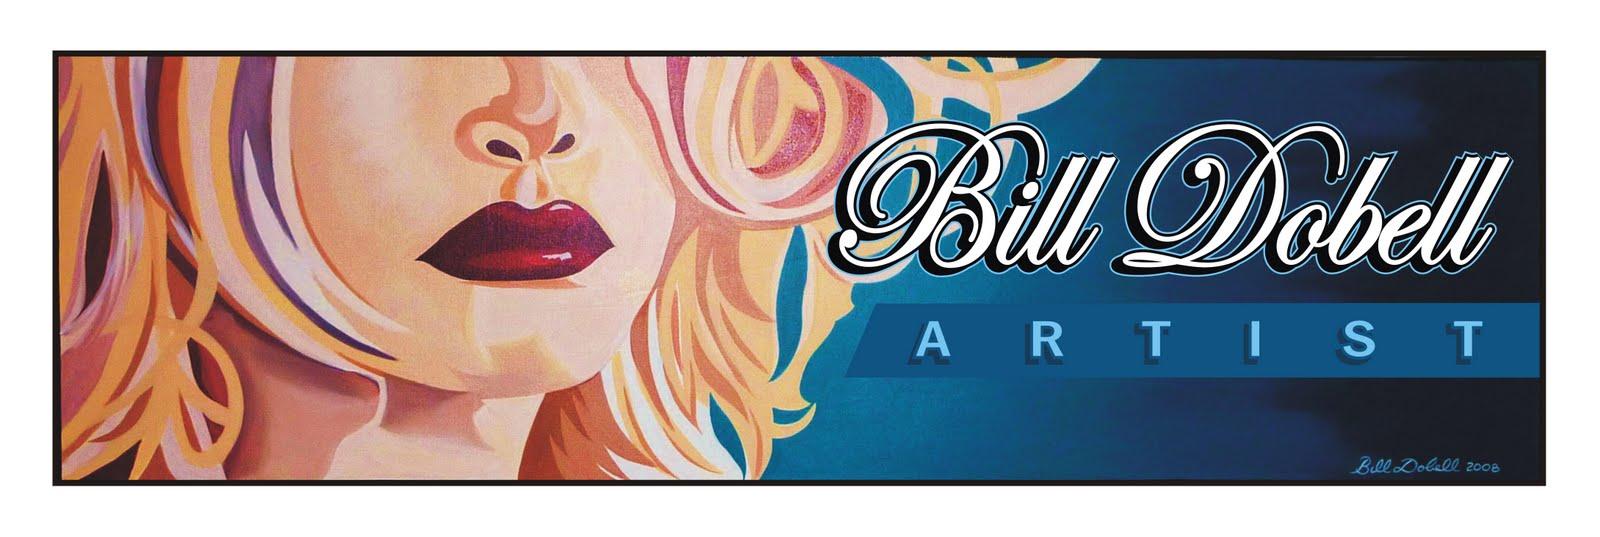 bill dobell artist